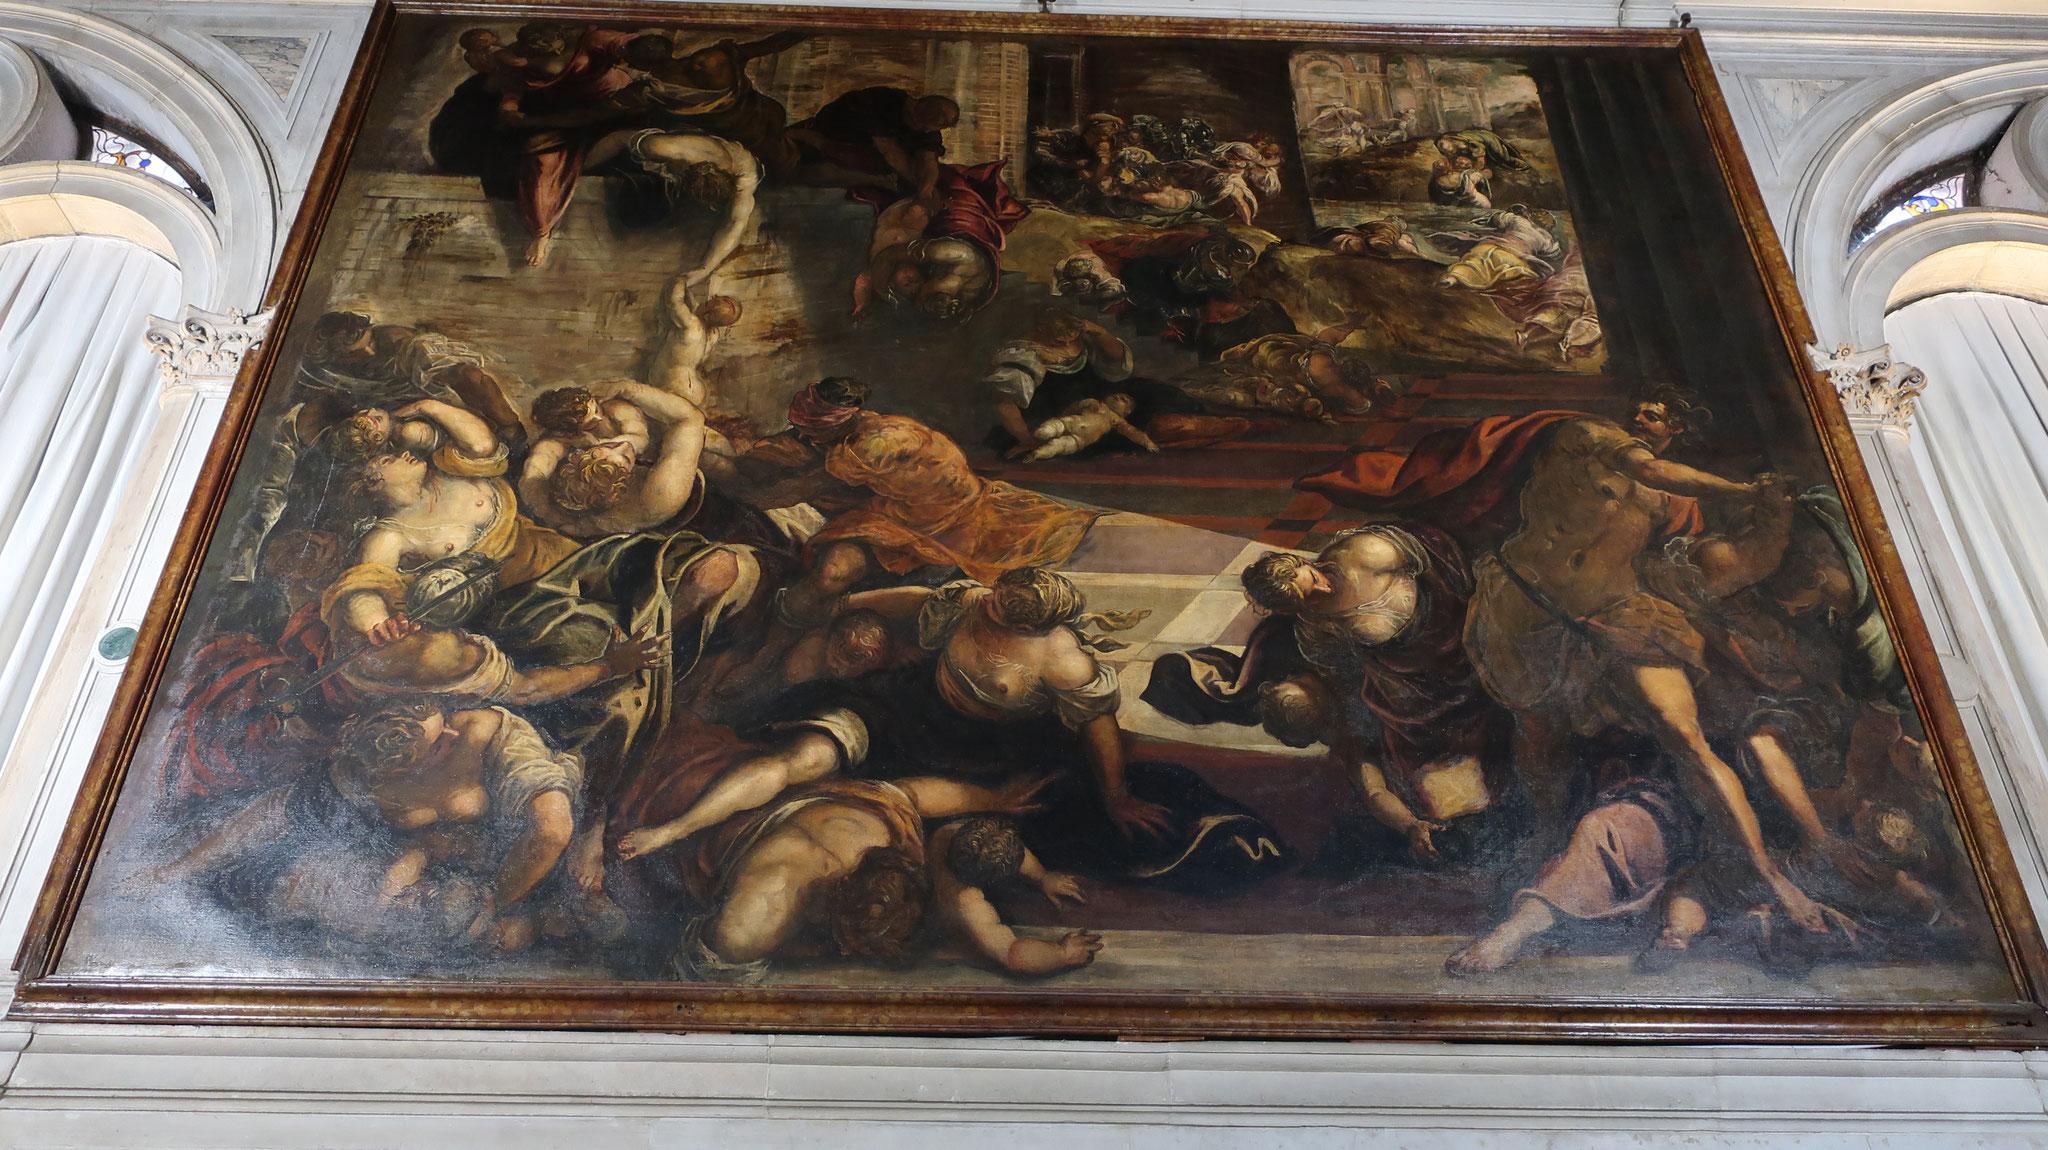 嬰児(えいじ)虐殺。ティントレット作。イエス・キリストが生まれた頃、生まれた子が王を滅ぼすという予言を聞いたローマ皇帝が、嬰児の皆殺しを命令したという逸話が描かれています。。